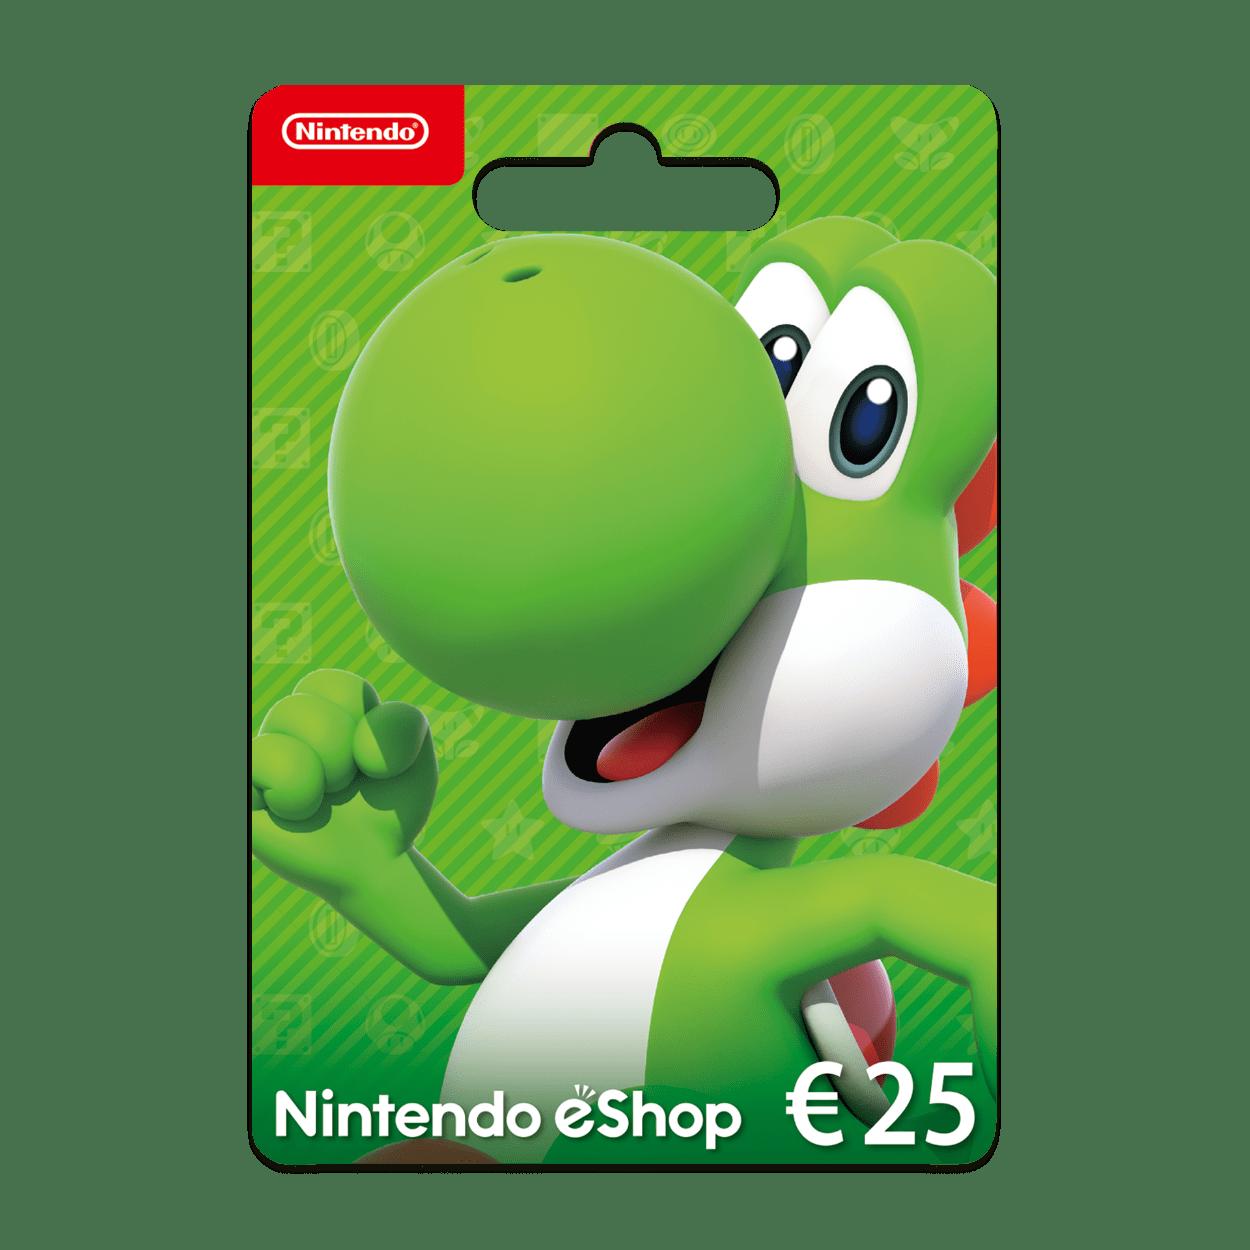 Carte Cadeau Nintendo Eshop.Carte Nintendo 25 Euros